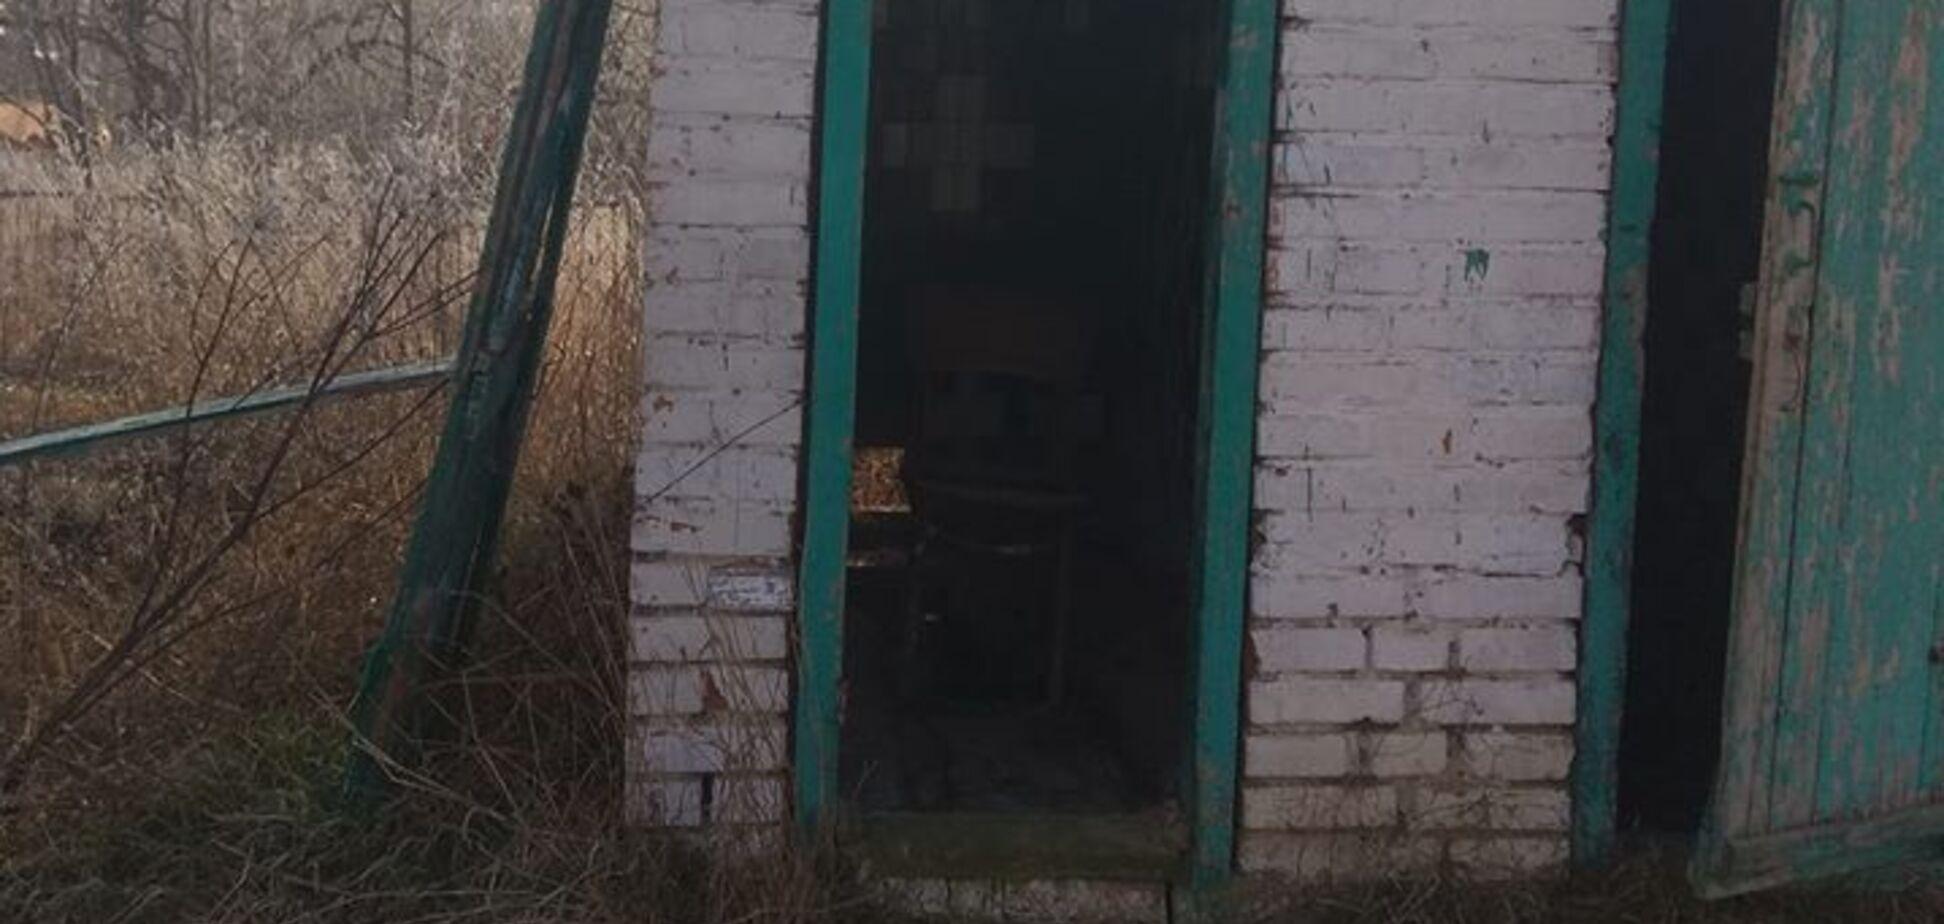 Стілець замість унітазу: фото туалету в українській лікарні налякали мережу